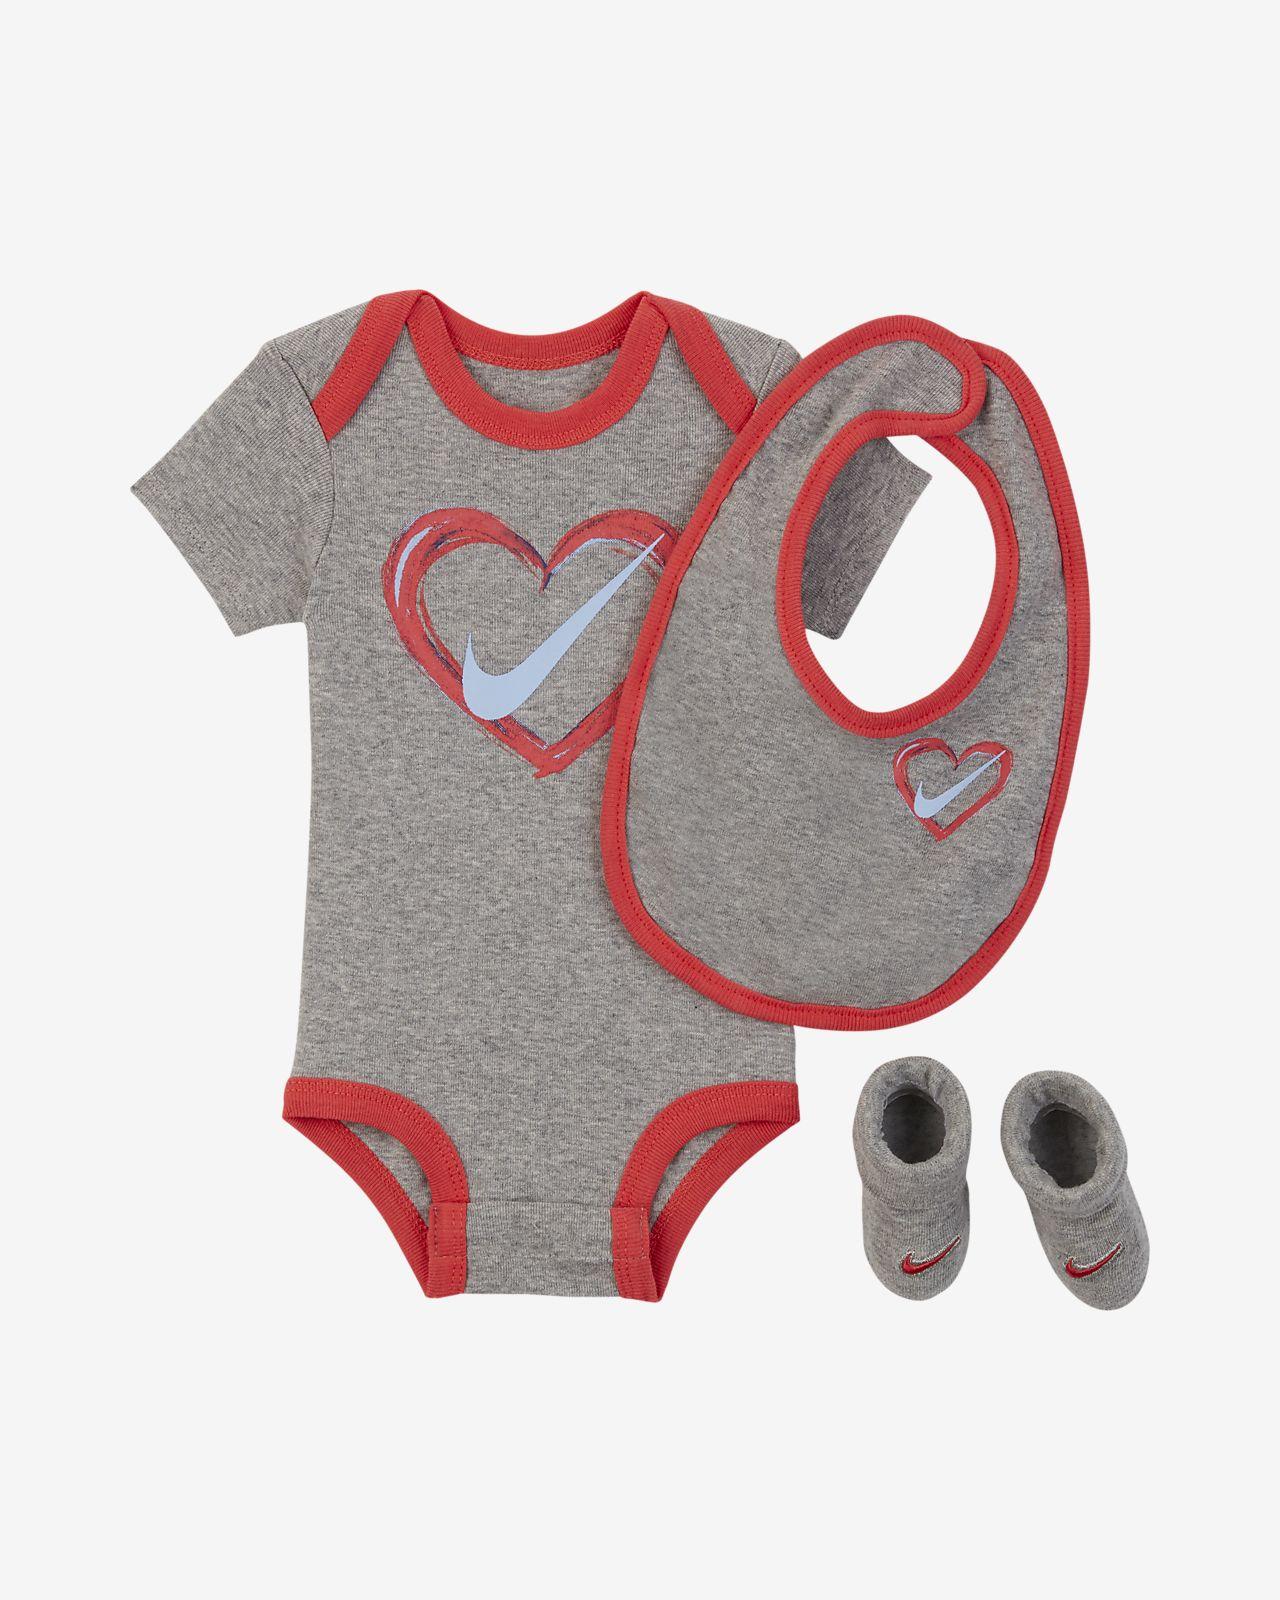 067a4472c3823 Ensemble trois pièces Nike pour Bébé (12 - 24 mois). Nike.com FR